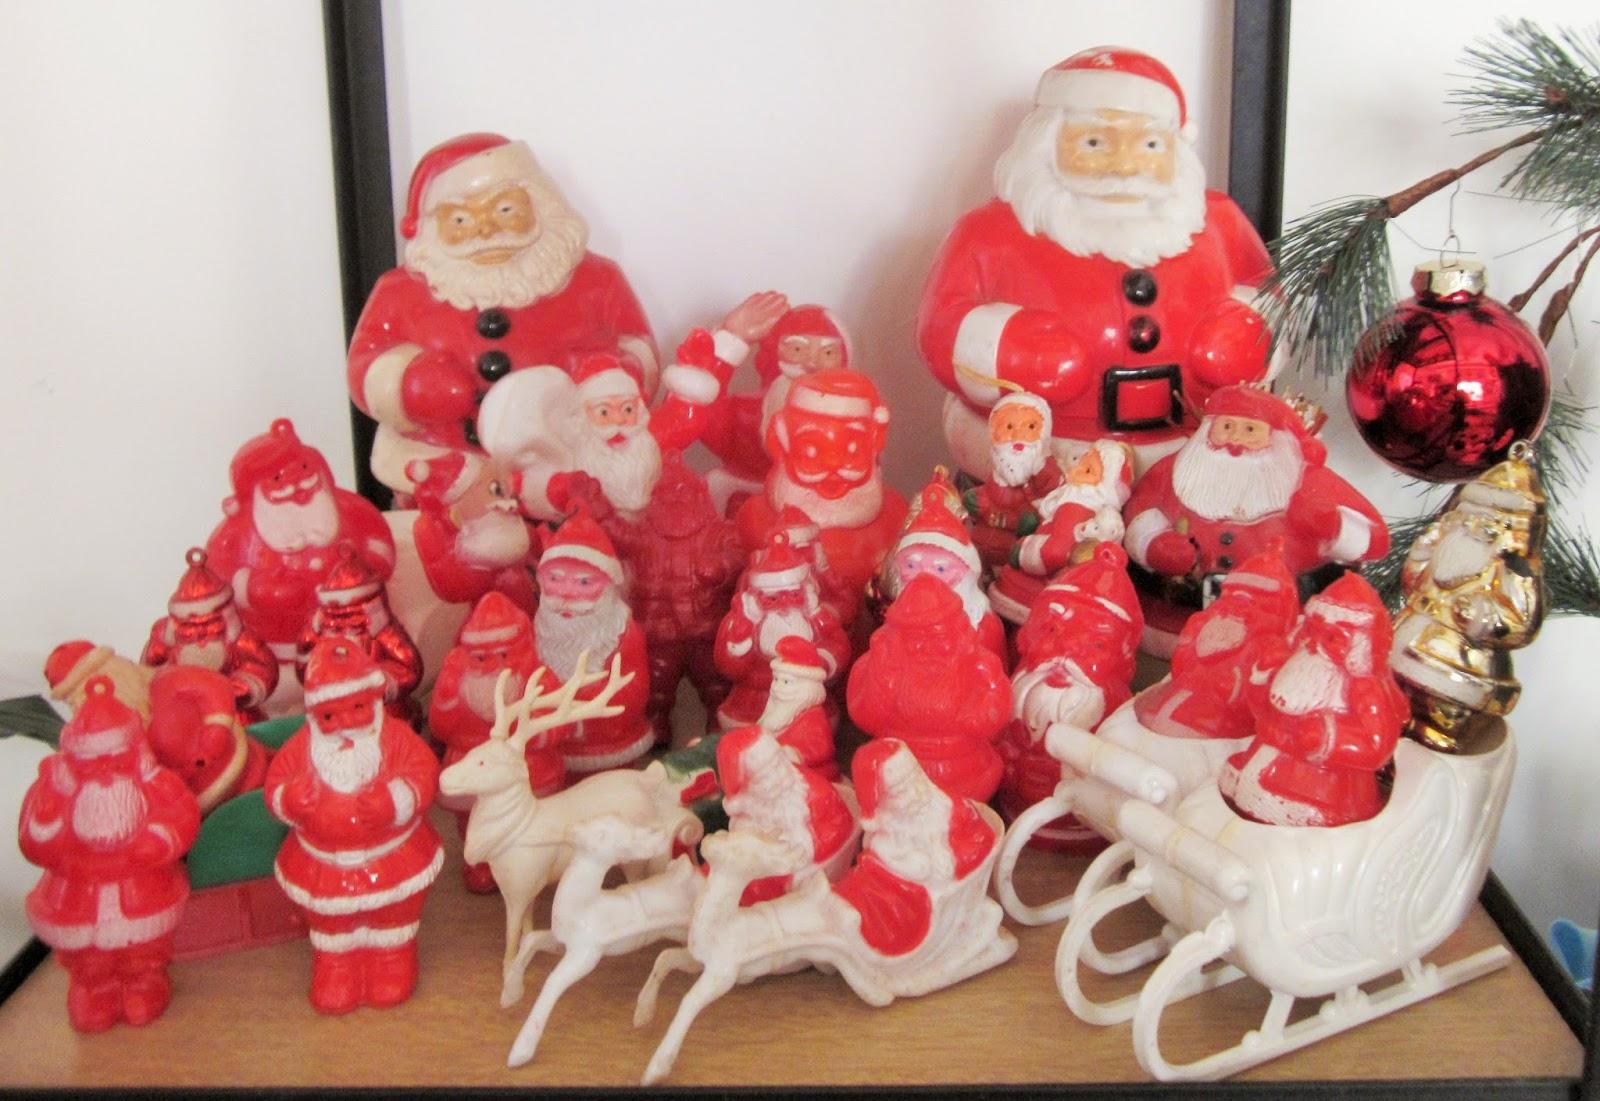 vintage plastic santas - Vintage Plastic Christmas Decorations